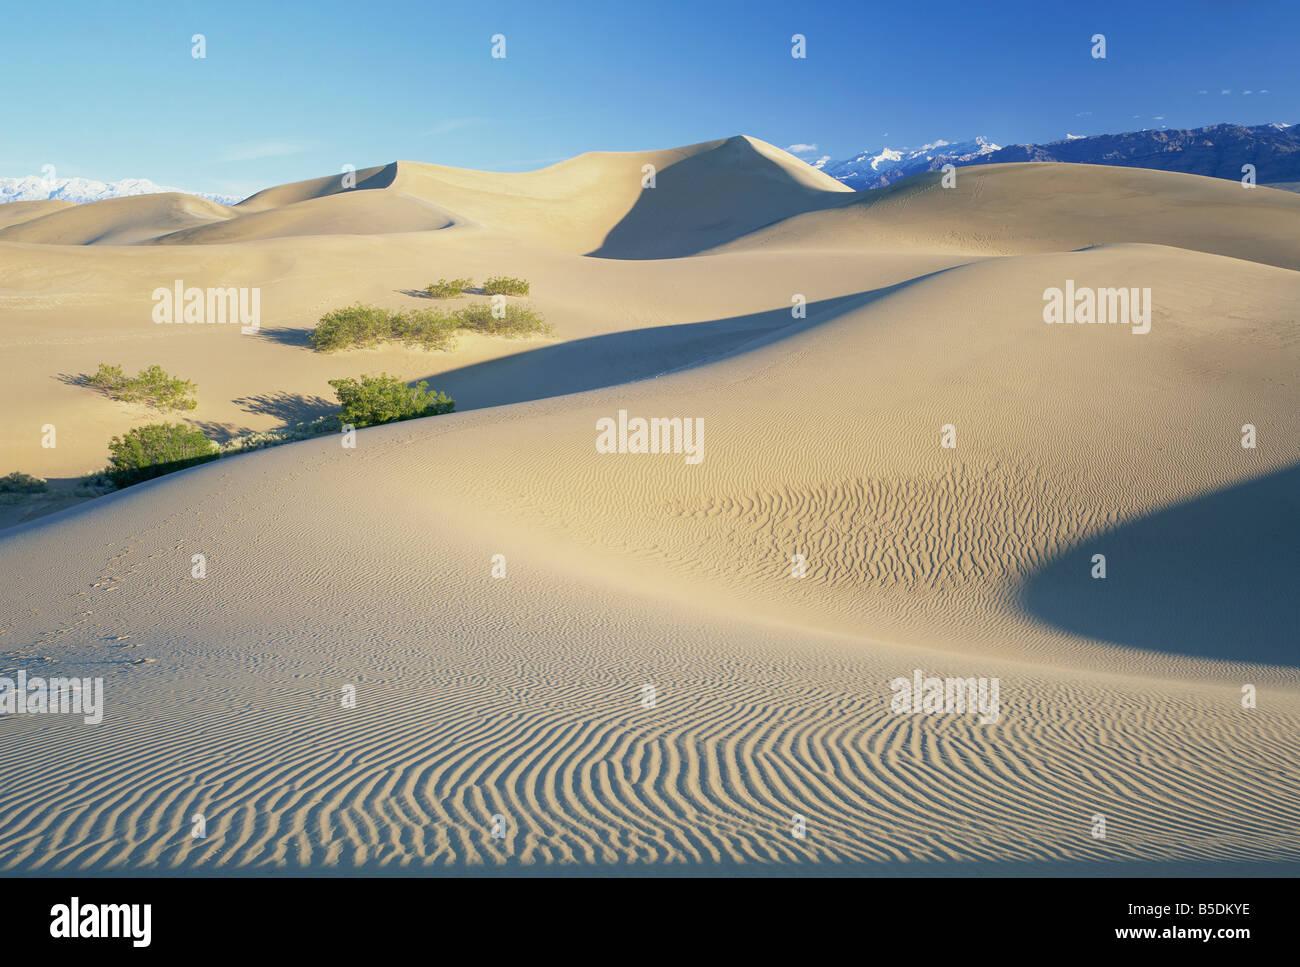 Dunes de sable, la Death Valley National Monument, CALIFORNIE, ÉTATS UNIS, Amérique du Nord Photo Stock